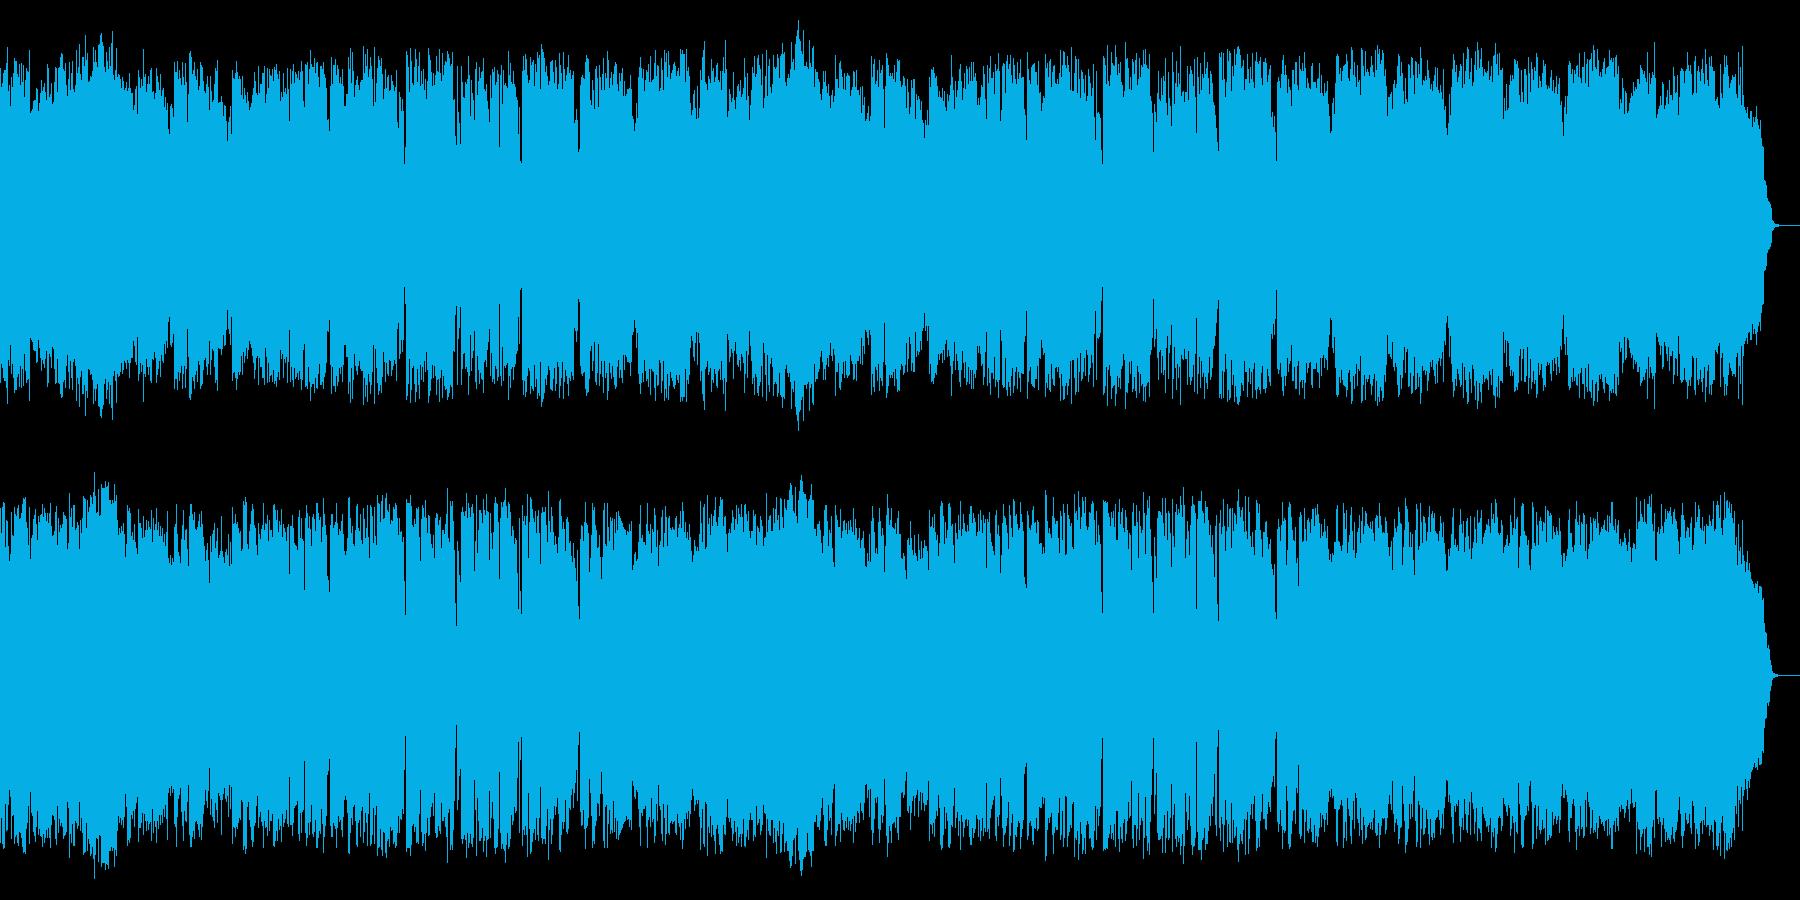 優しいAメロとワクワクするサビが特徴の曲の再生済みの波形